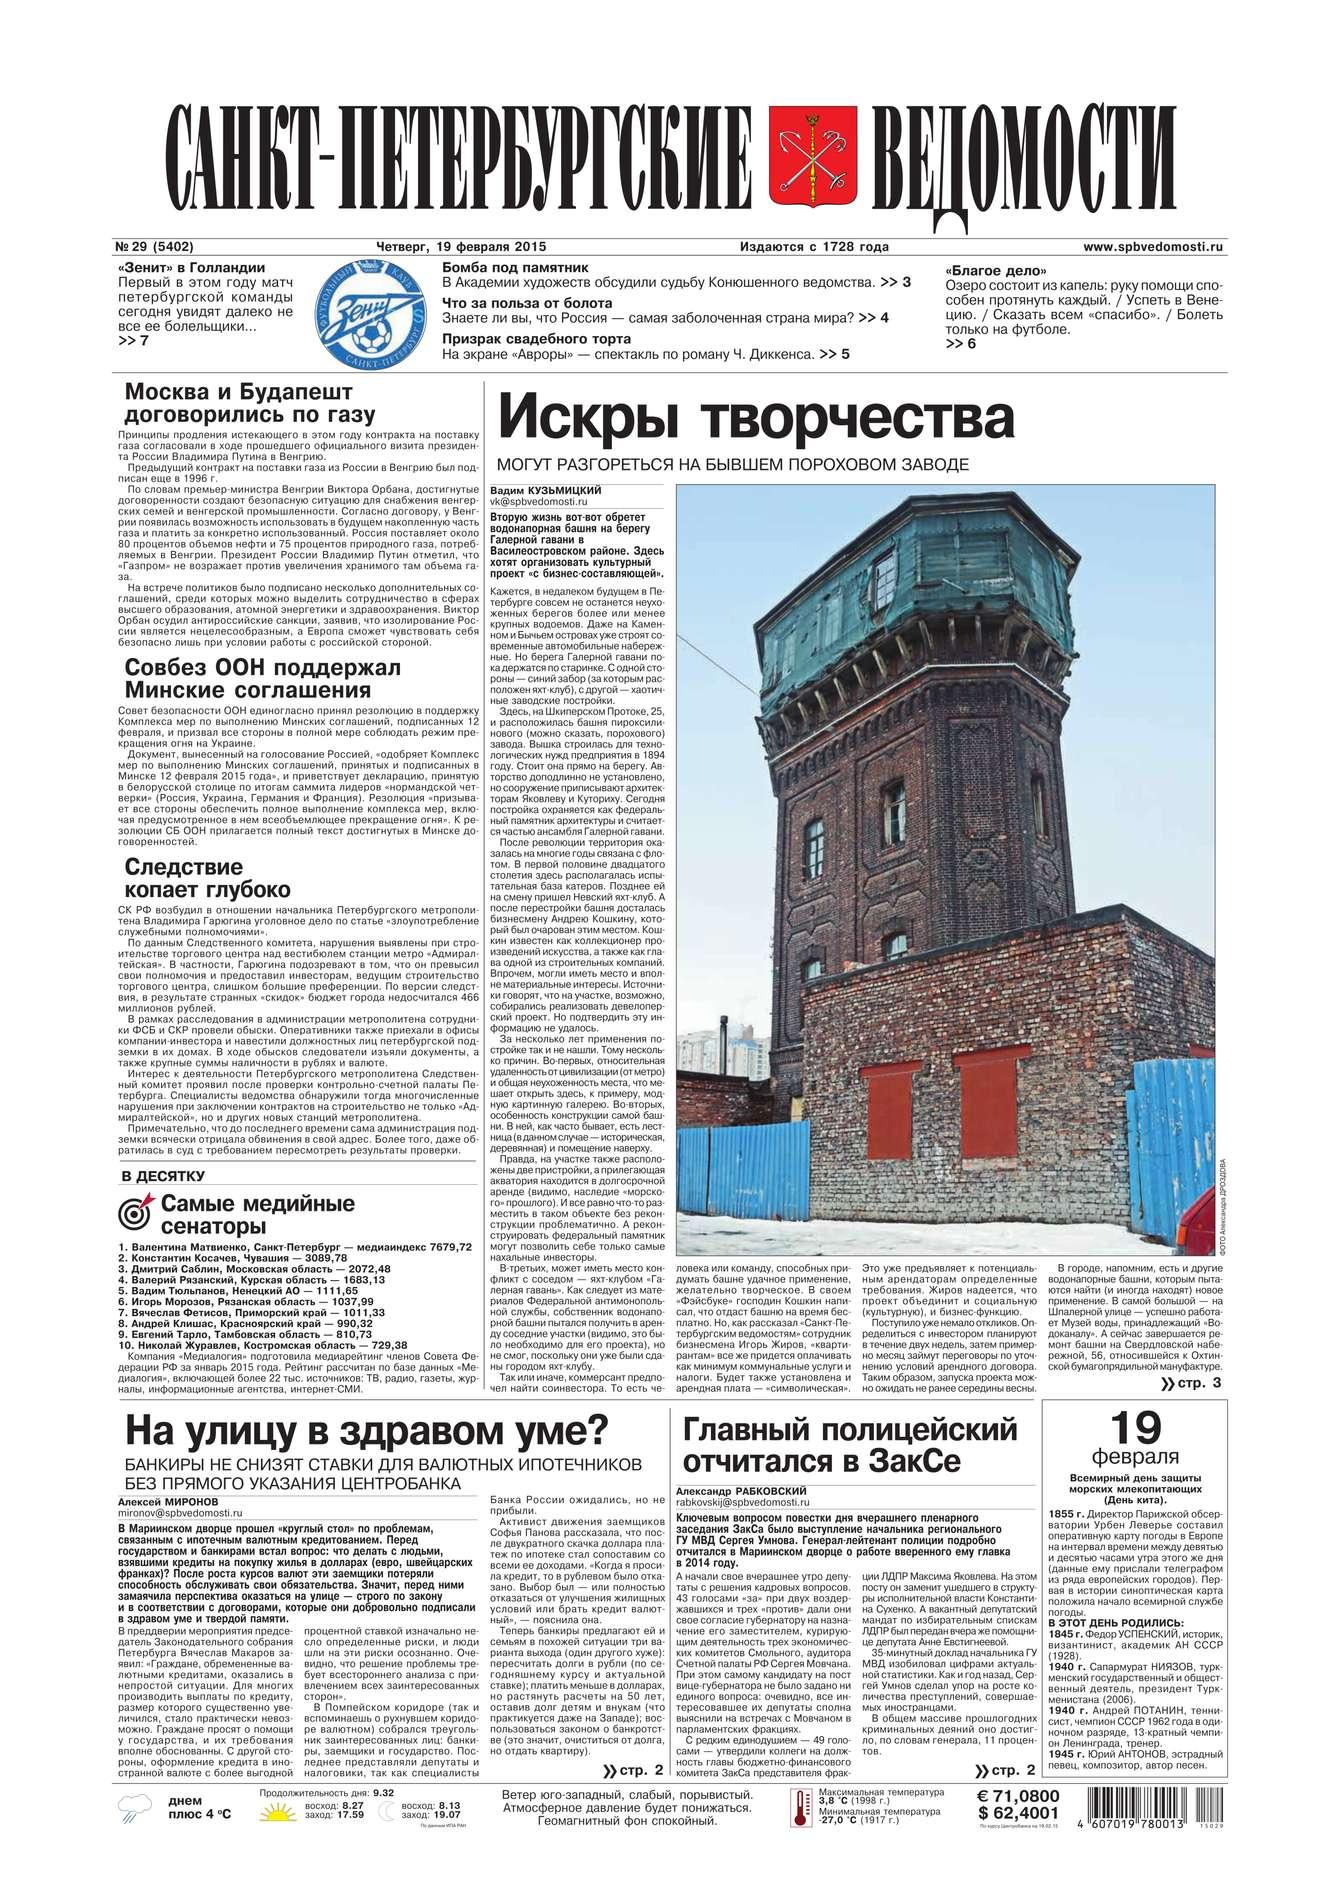 Санкт-Петербургские ведомости 29-2015